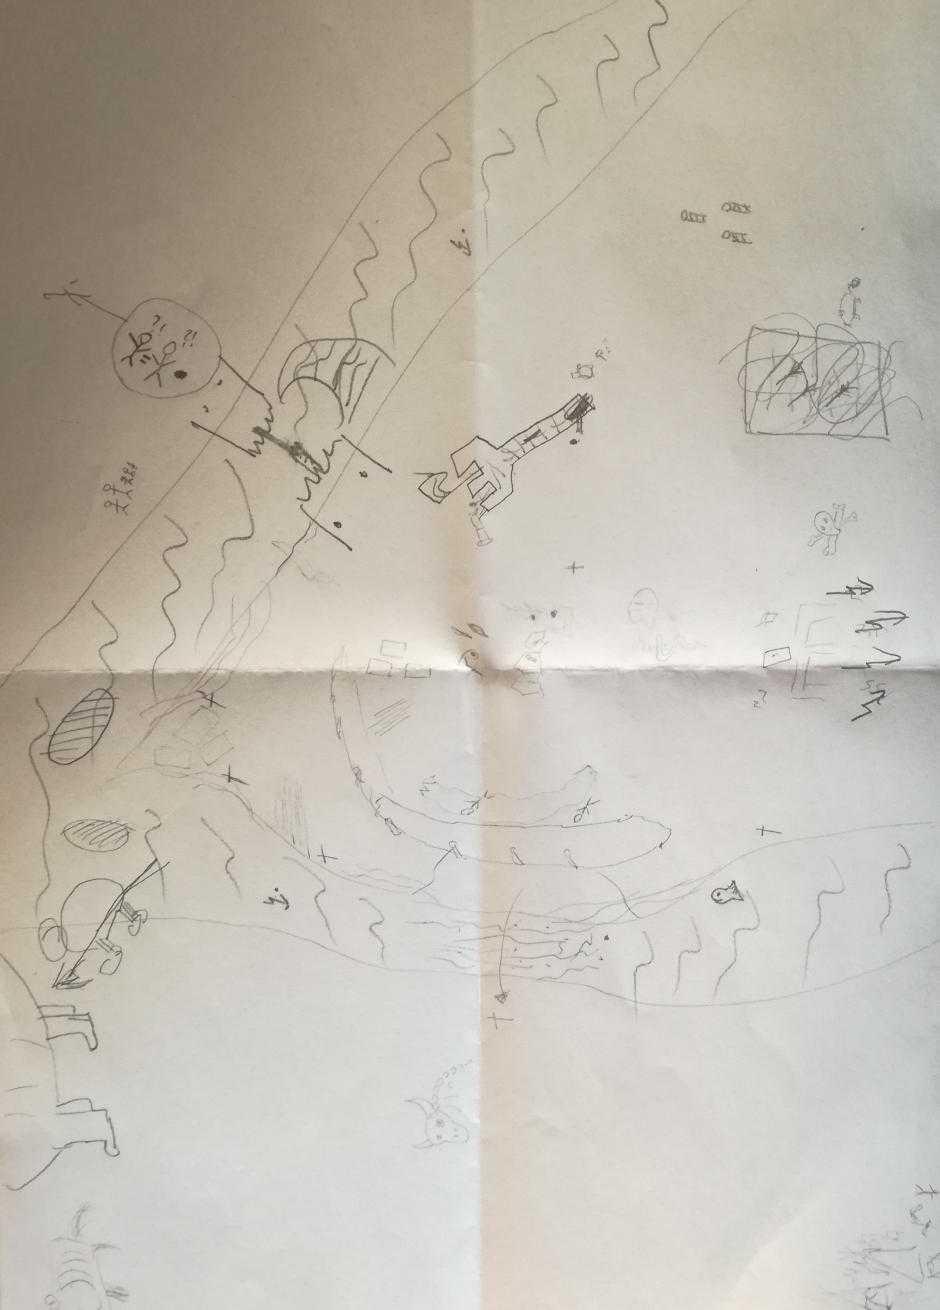 Karte, wie sie zum ende des Spiels aussah